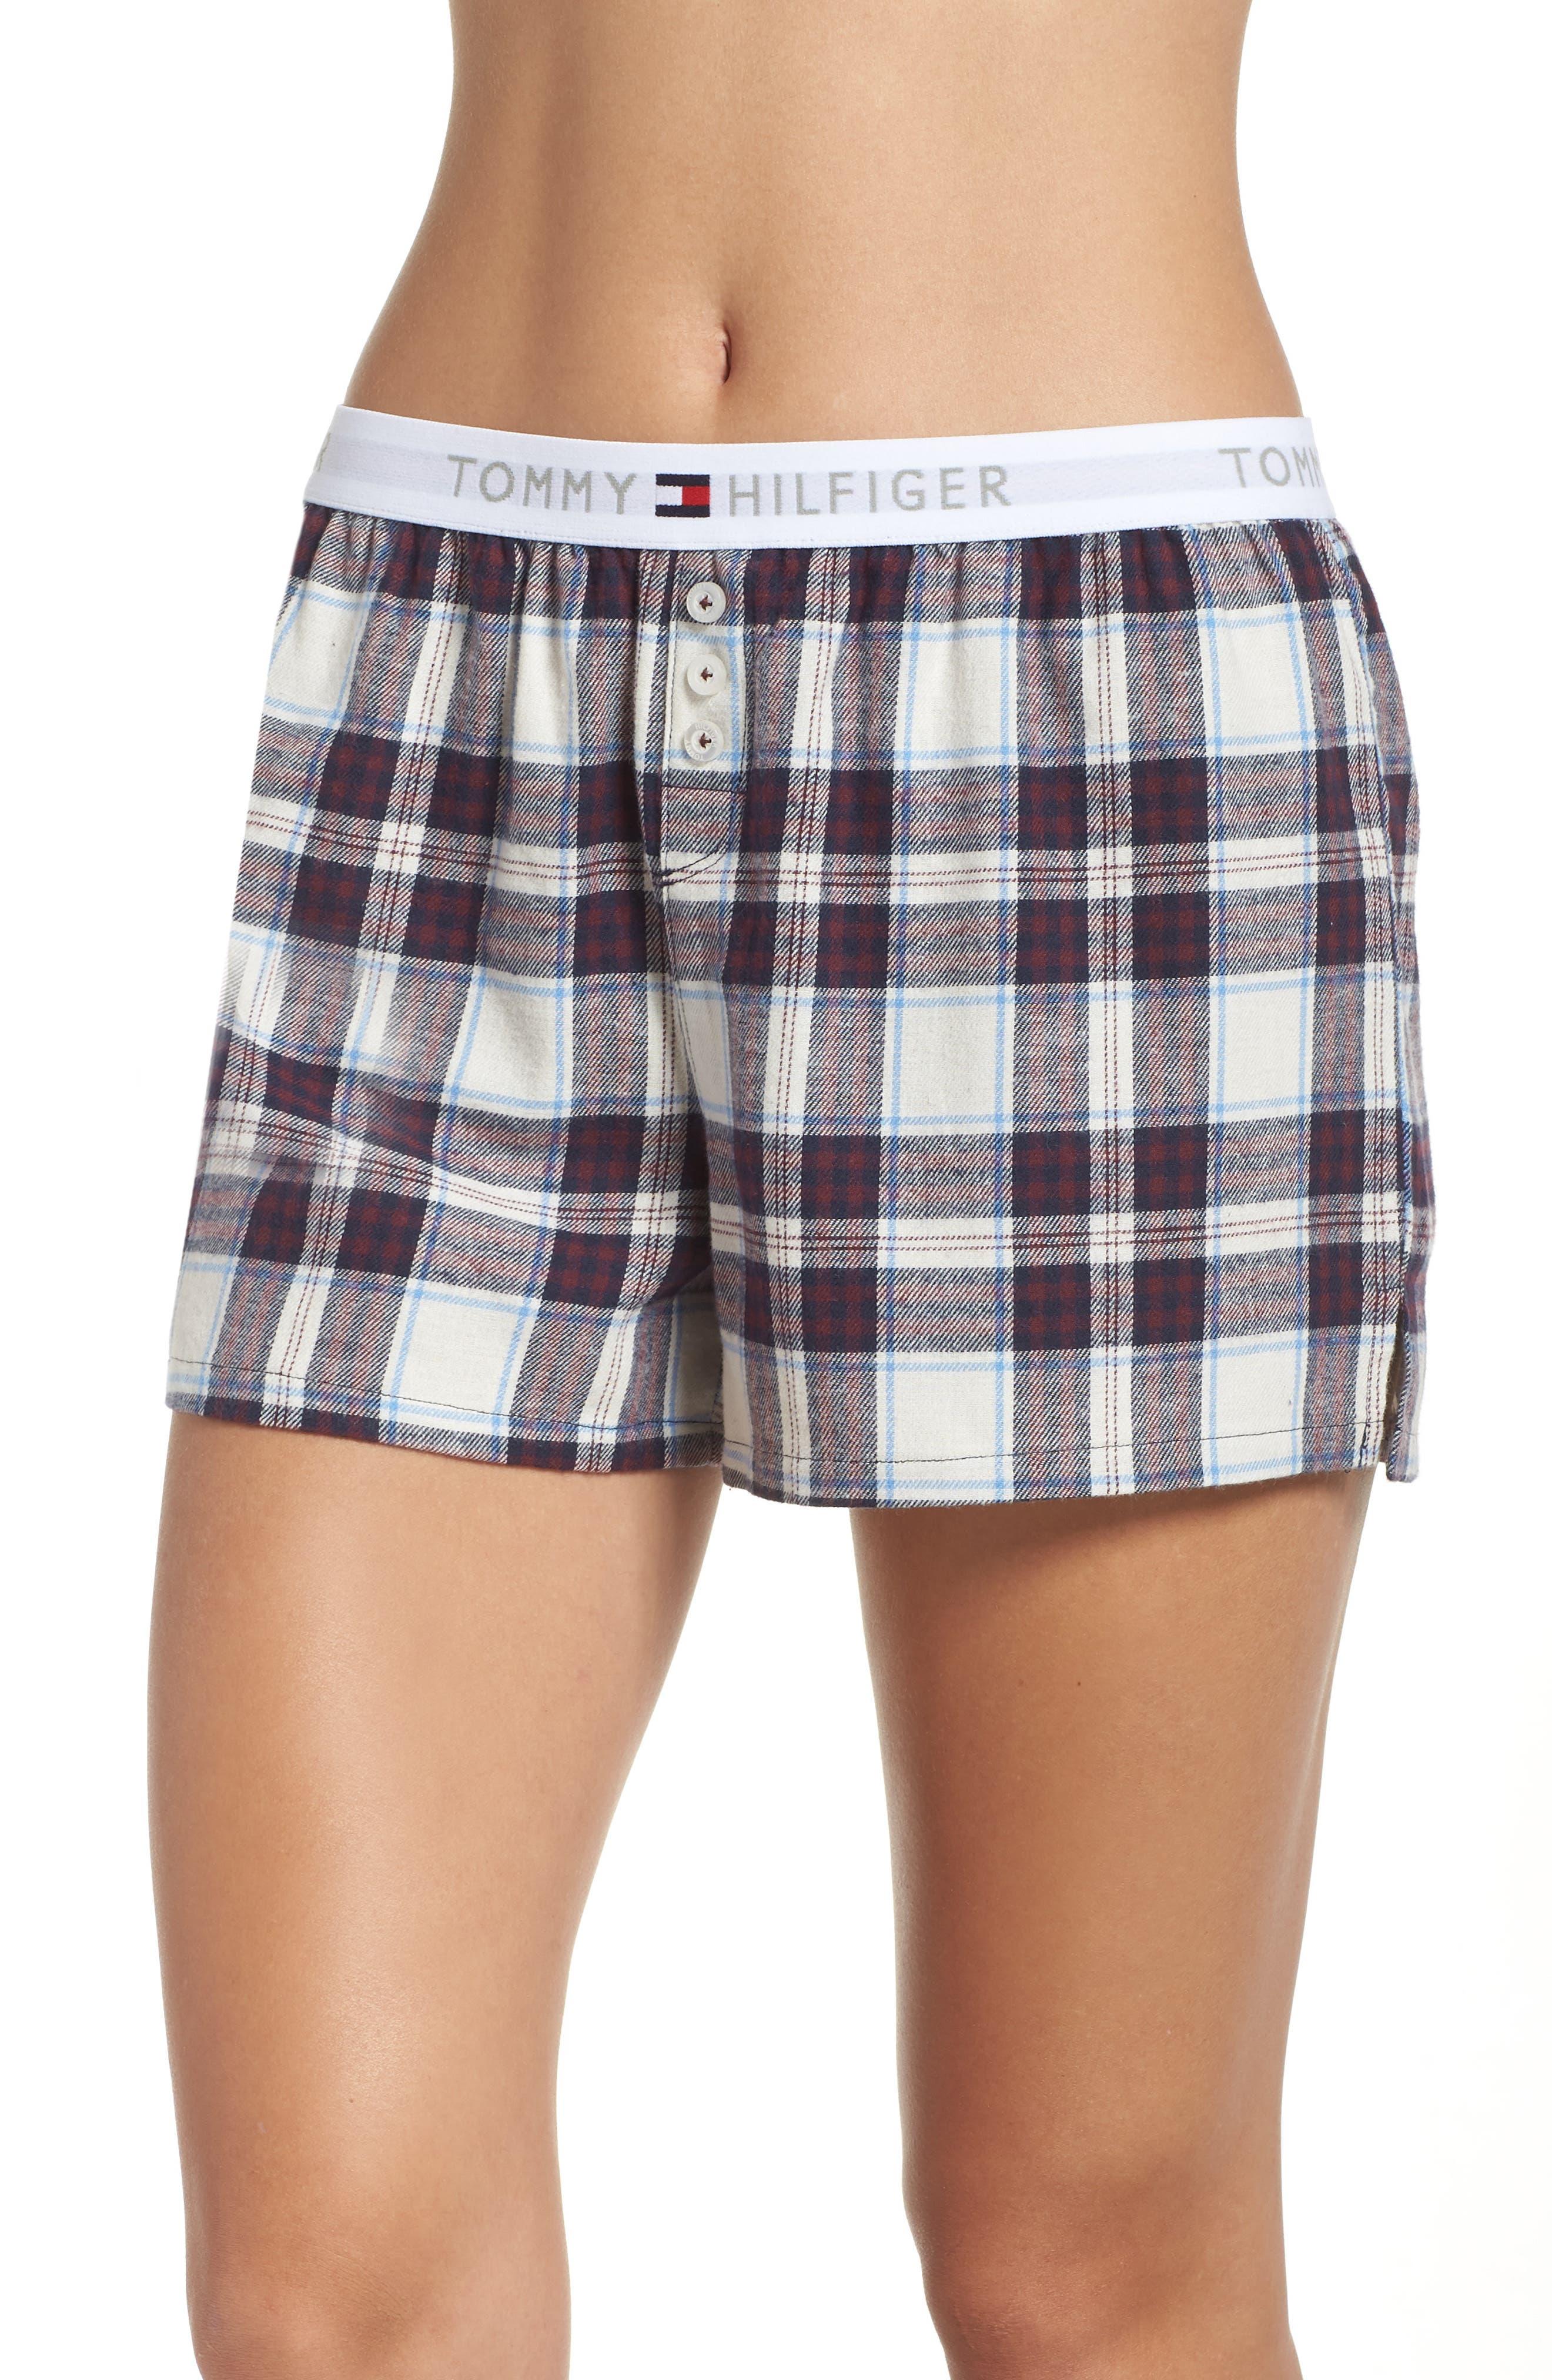 Plaid Pajama Shorts,                             Main thumbnail 1, color,                             SWEET DREAMS FIG TARTAN